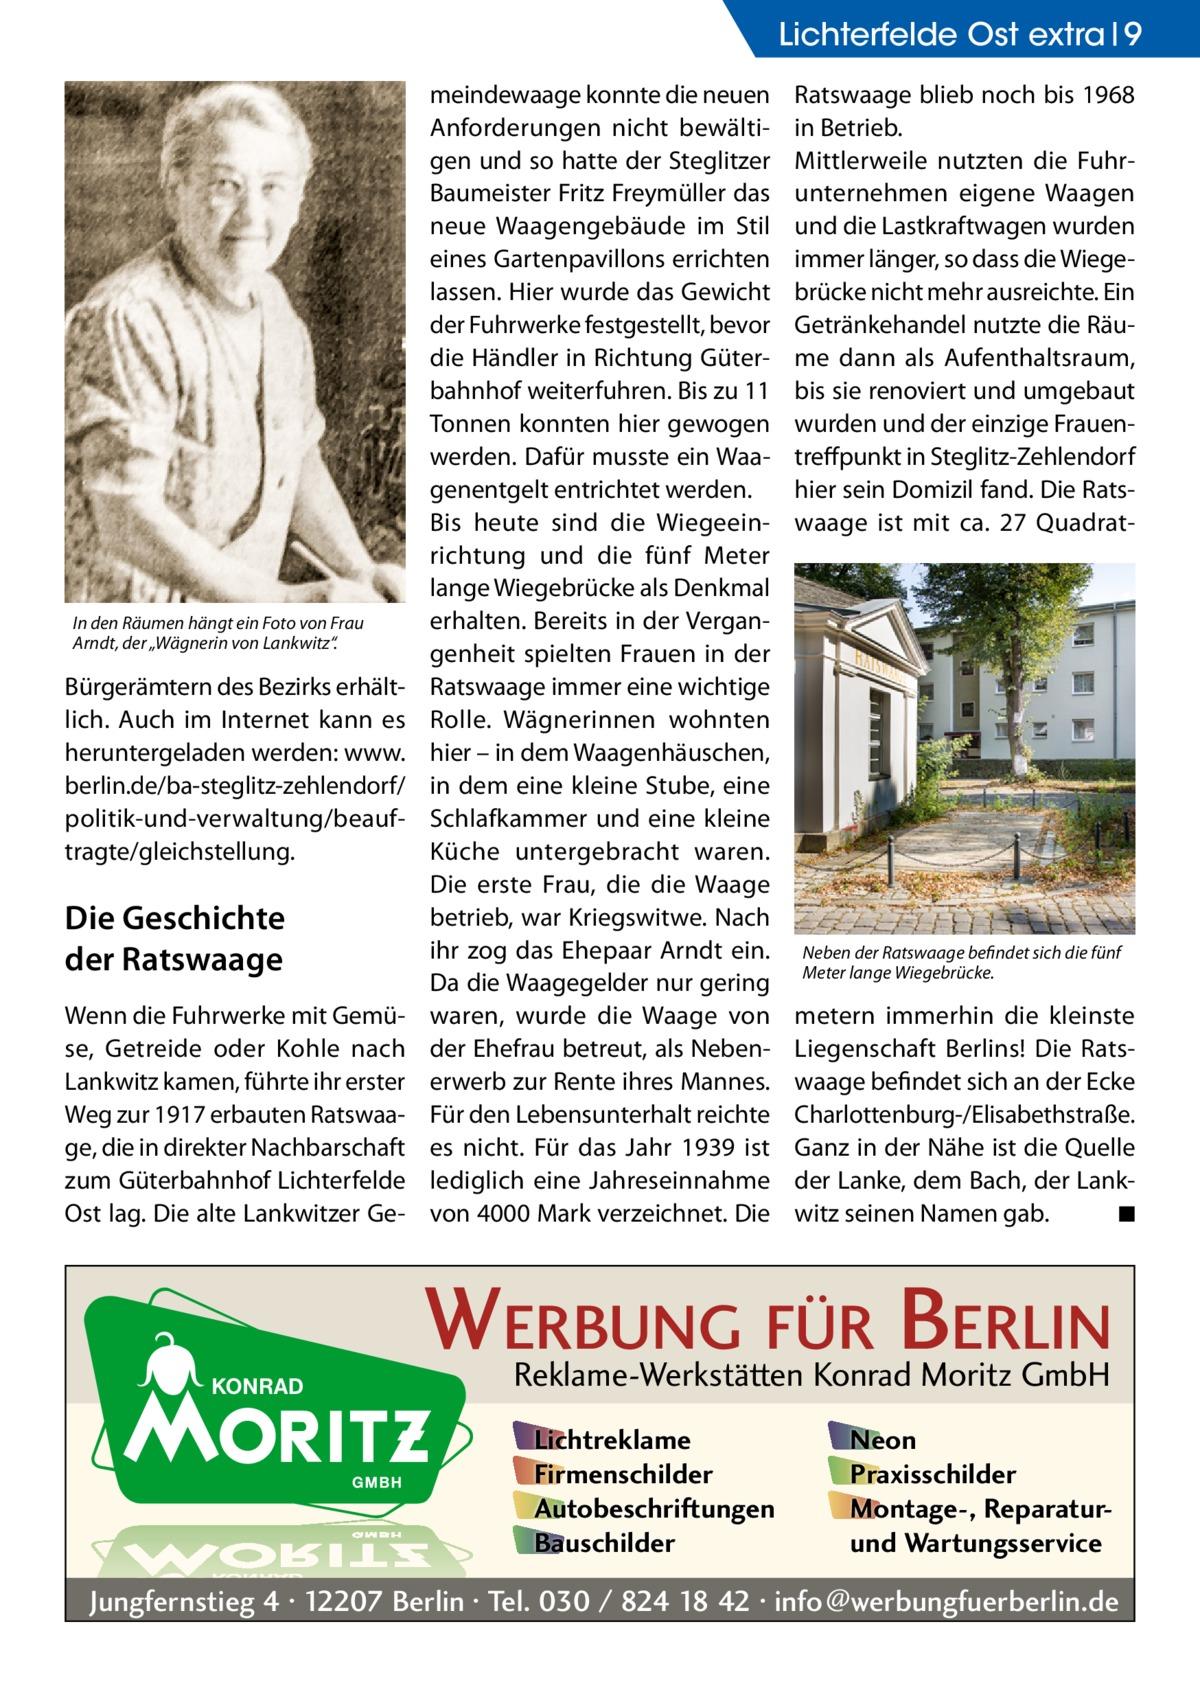 """Lichterfelde Ost extra 9  In den Räumen hängt ein Foto von Frau Arndt, der """"Wägnerin von Lankwitz"""".  Bürgerämtern des Bezirks erhältlich. Auch im Internet kann es heruntergeladen werden: www. berlin.de/ba-steglitz-zehlendorf/ politik-und-verwaltung/beauftragte/gleichstellung.  Die Geschichte der Ratswaage Wenn die Fuhrwerke mit Gemüse, Getreide oder Kohle nach Lankwitz kamen, führte ihr erster Weg zur 1917 erbauten Ratswaage, die in direkter Nachbarschaft zum Güterbahnhof Lichterfelde Ost lag. Die alte Lankwitzer Ge meindewaage konnte die neuen Anforderungen nicht bewältigen und so hatte der Steglitzer Baumeister Fritz Freymüller das neue Waagengebäude im Stil eines Gartenpavillons errichten lassen. Hier wurde das Gewicht der Fuhrwerke festgestellt, bevor die Händler in Richtung Güterbahnhof weiterfuhren. Bis zu 11 Tonnen konnten hier gewogen werden. Dafür musste ein Waagenentgelt entrichtet werden. Bis heute sind die Wiegeeinrichtung und die fünf Meter lange Wiegebrücke als Denkmal erhalten. Bereits in der Vergangenheit spielten Frauen in der Ratswaage immer eine wichtige Rolle. Wägnerinnen wohnten hier – in dem Waagenhäuschen, in dem eine kleine Stube, eine Schlafkammer und eine kleine Küche untergebracht waren. Die erste Frau, die die Waage betrieb, war Kriegswitwe. Nach ihr zog das Ehepaar Arndt ein. Da die Waagegelder nur gering waren, wurde die Waage von der Ehefrau betreut, als Nebenerwerb zur Rente ihres Mannes. Für den Lebensunterhalt reichte es nicht. Für das Jahr 1939 ist lediglich eine Jahreseinnahme von 4000Mark verzeichnet. Die  Ratswaage blieb noch bis 1968 in Betrieb. Mittlerweile nutzten die Fuhrunternehmen eigene Waagen und die Lastkraftwagen wurden immer länger, so dass die Wiegebrücke nicht mehr ausreichte. Ein Getränkehandel nutzte die Räume dann als Aufenthaltsraum, bis sie renoviert und umgebaut wurden und der einzige Frauentreffpunkt in Steglitz-Zehlendorf hier sein Domizil fand. Die Ratswaage ist mit ca. 27 Quadrat Neben der Ratswaage befind"""